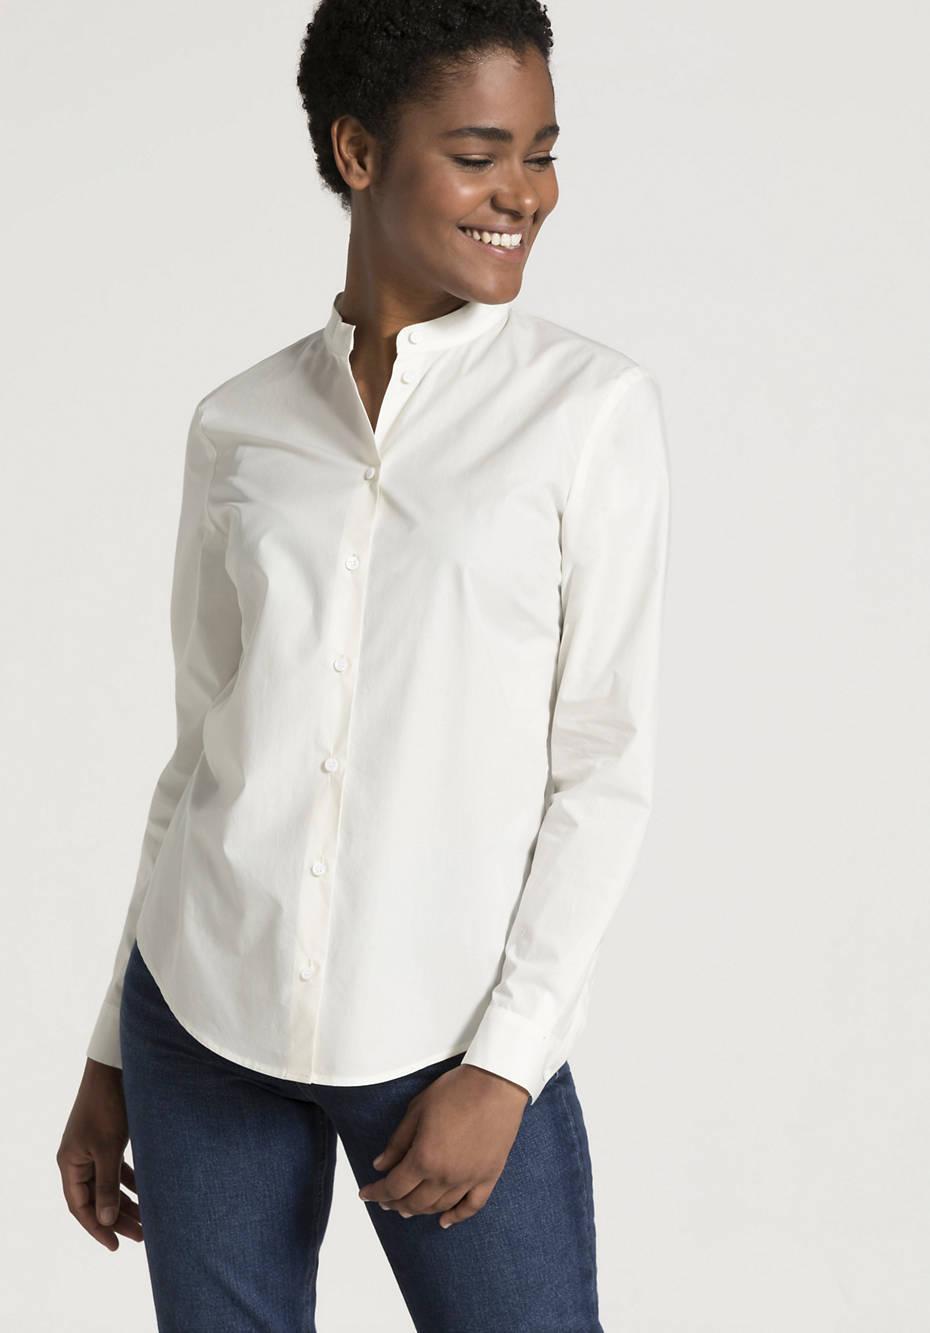 Bluse mit Stehkragen aus reiner Bio-Baumwolle